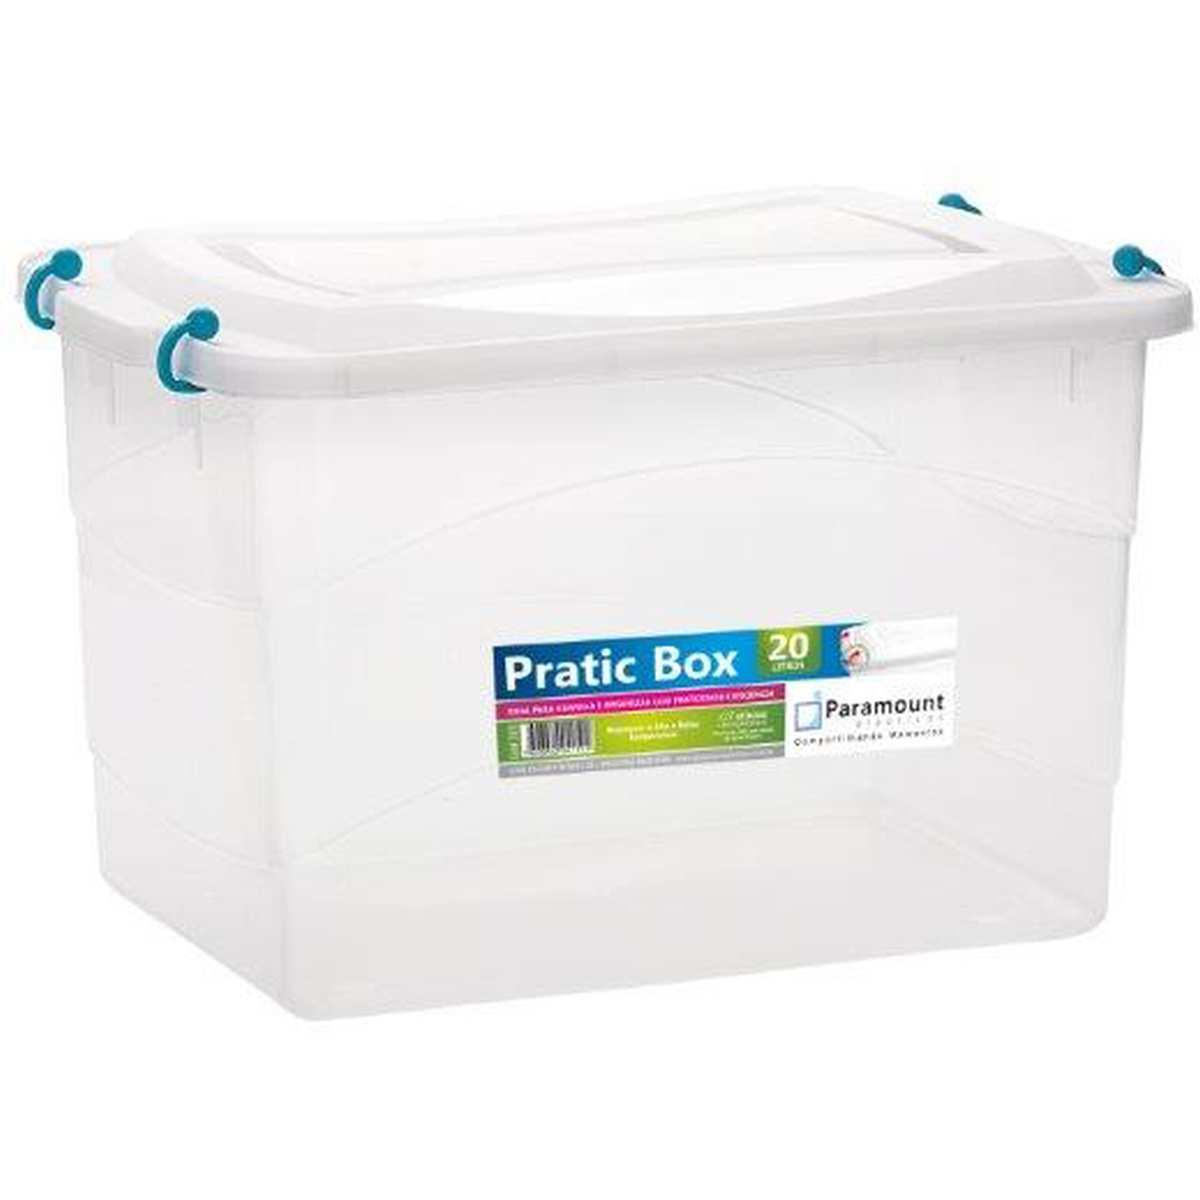 CAIXA PLASTICA MULTIUSO PRATIC BOX 20L 41X29X25CM